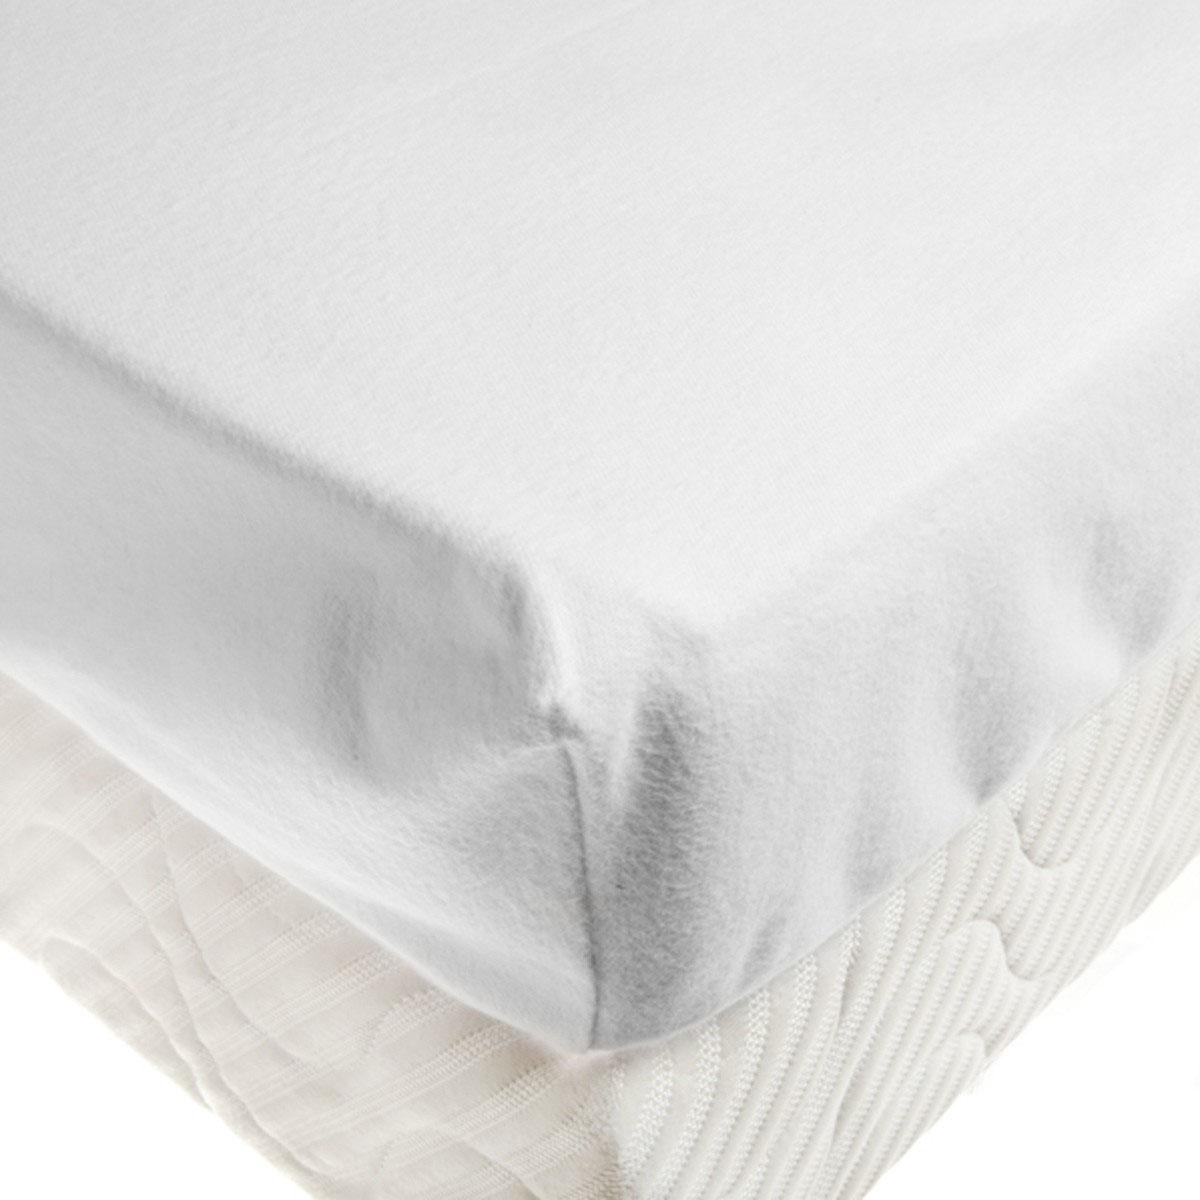 Protège-matelas bébé en 100% coton bio blanc 70x140 cm